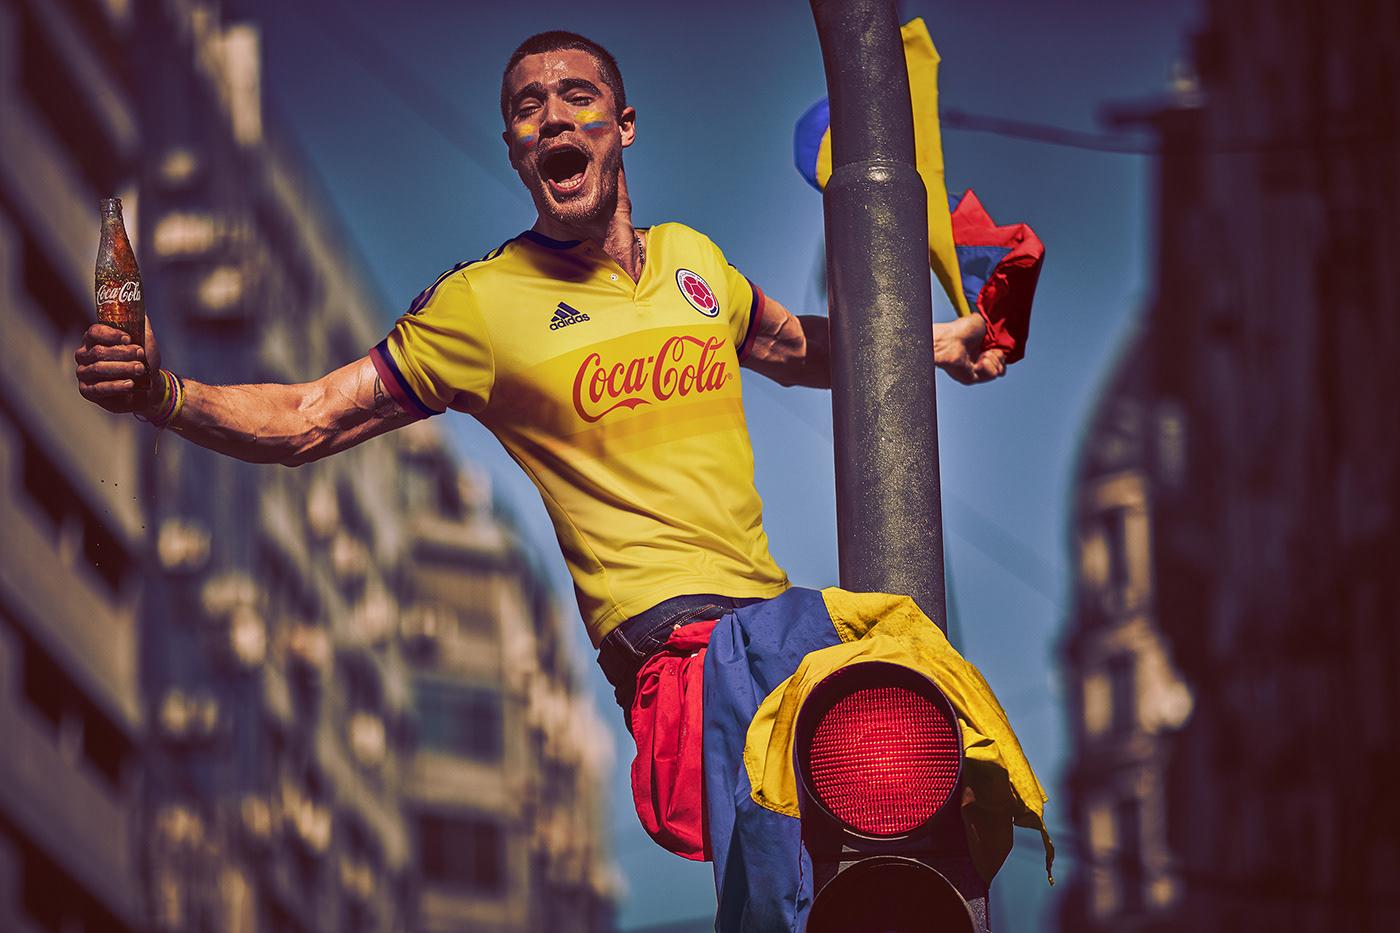 Coca-Cola / Camisetas Mundial